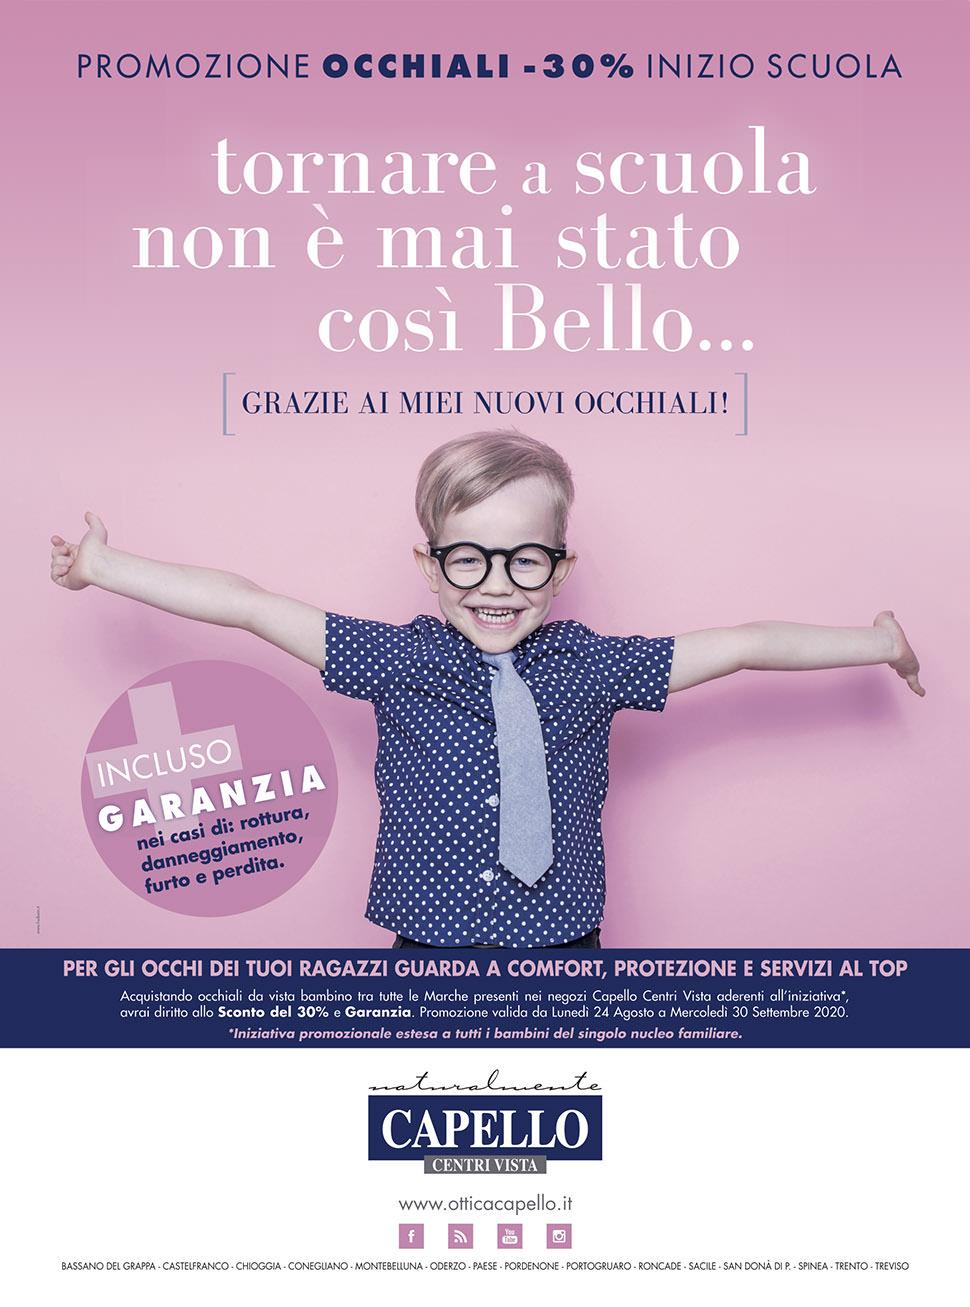 Campagna pubblicitaria Holbein & Partners per Ottica Capello